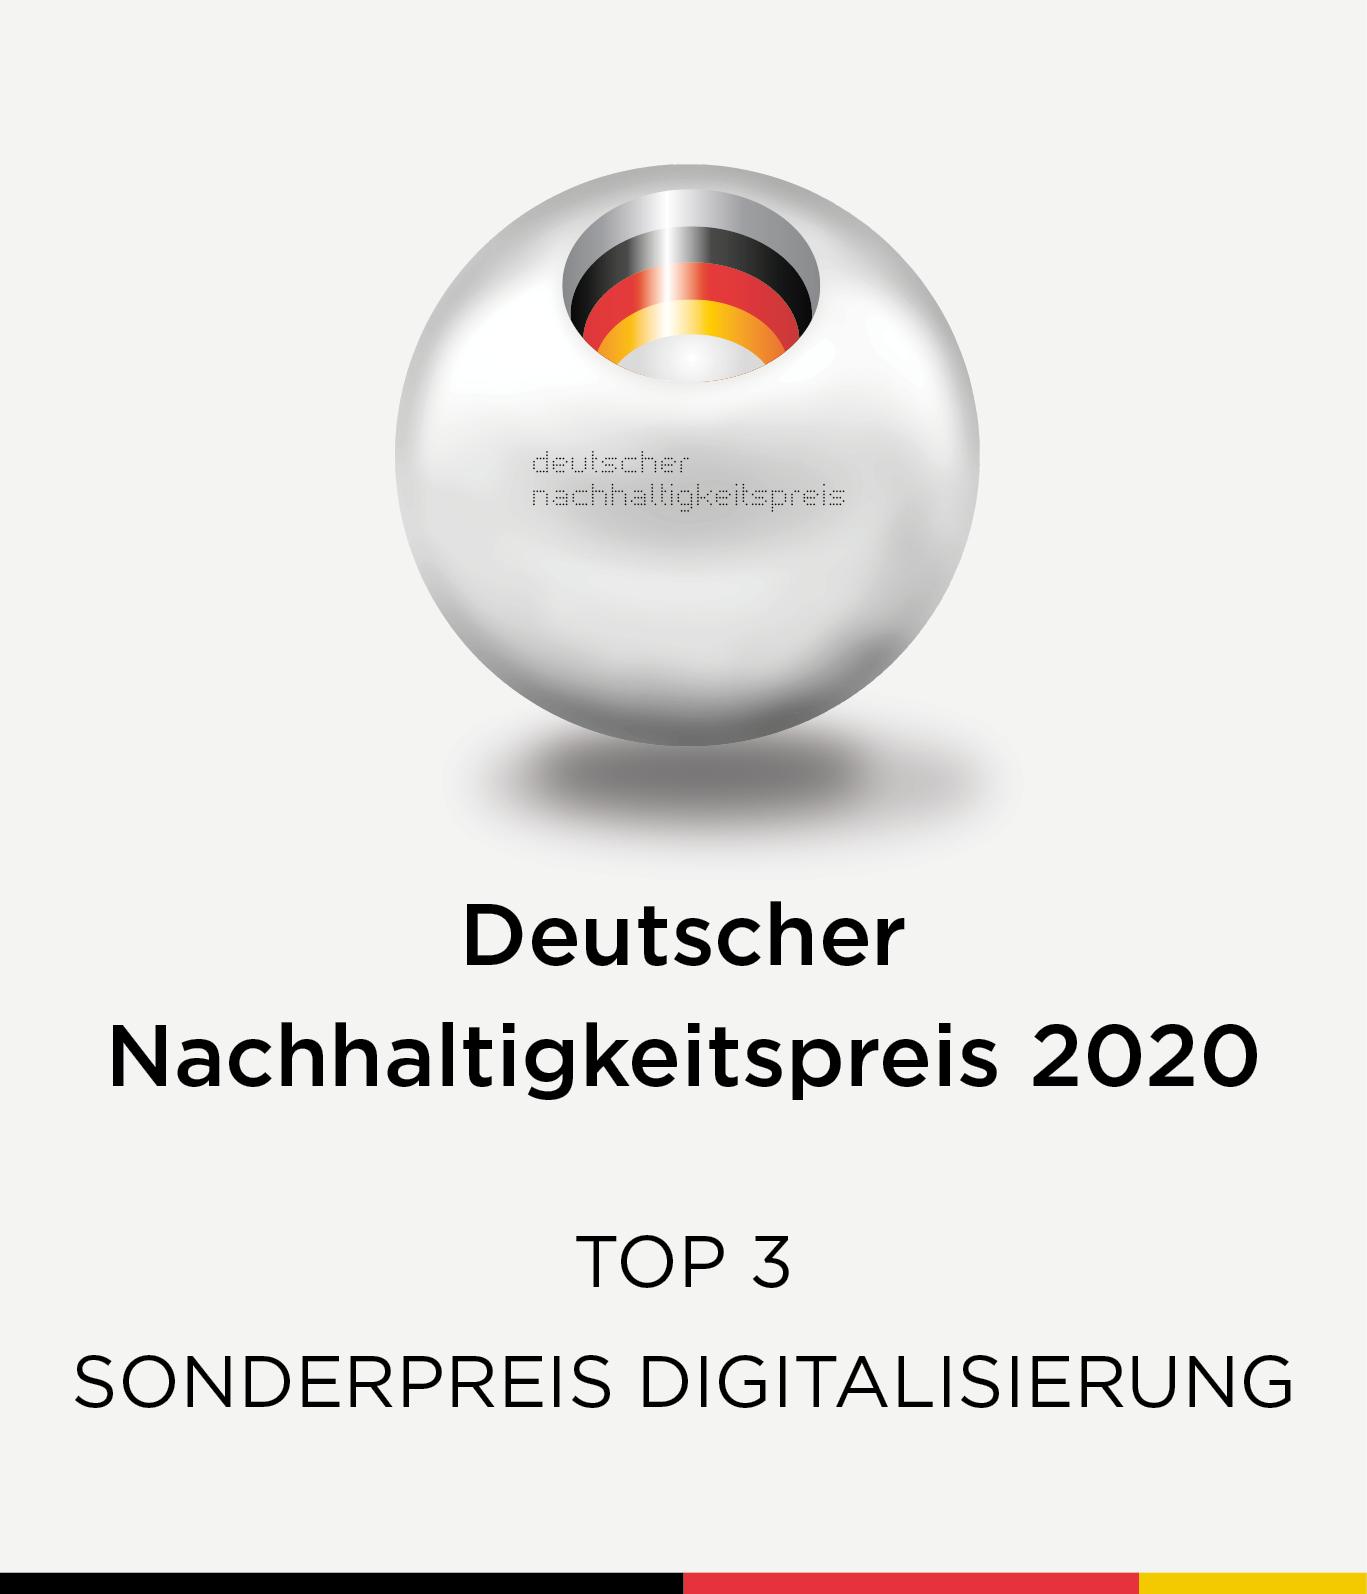 Deutscher Nachhaltigkeitspreis 2020